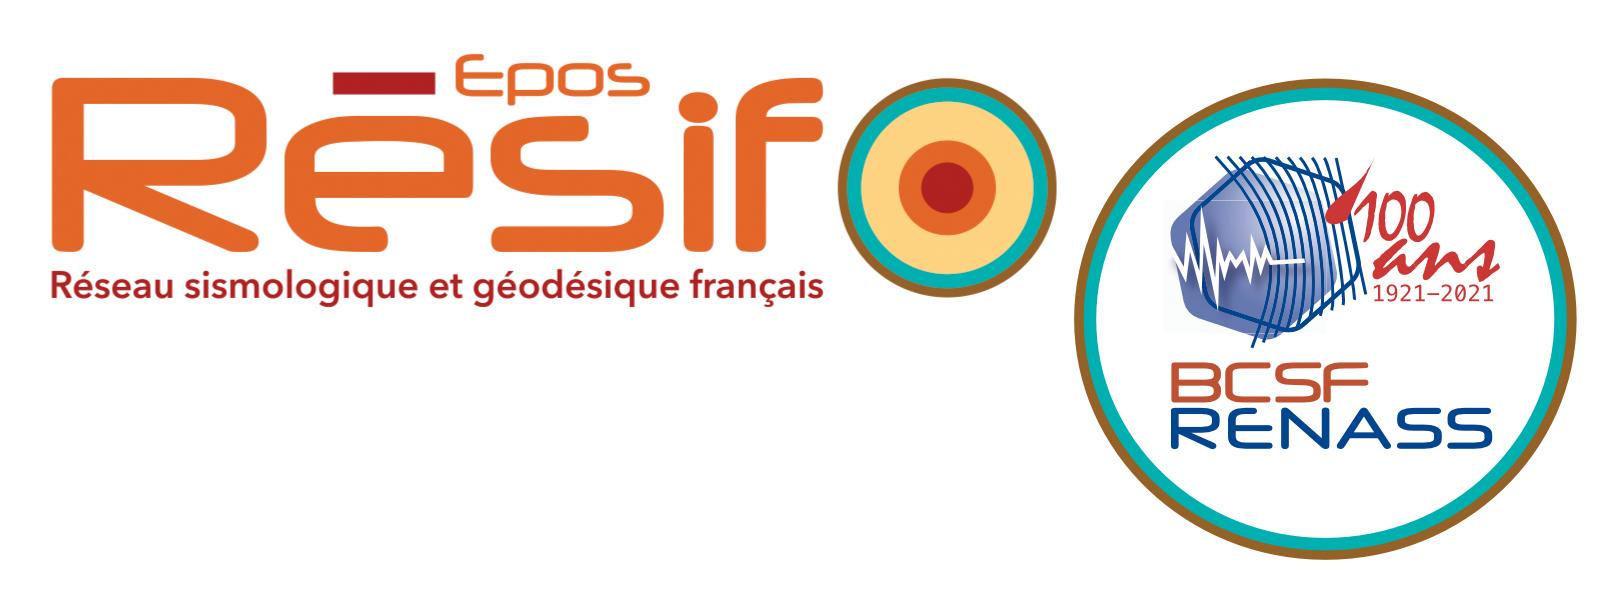 Logo Résif + centenaire BCSF 2021